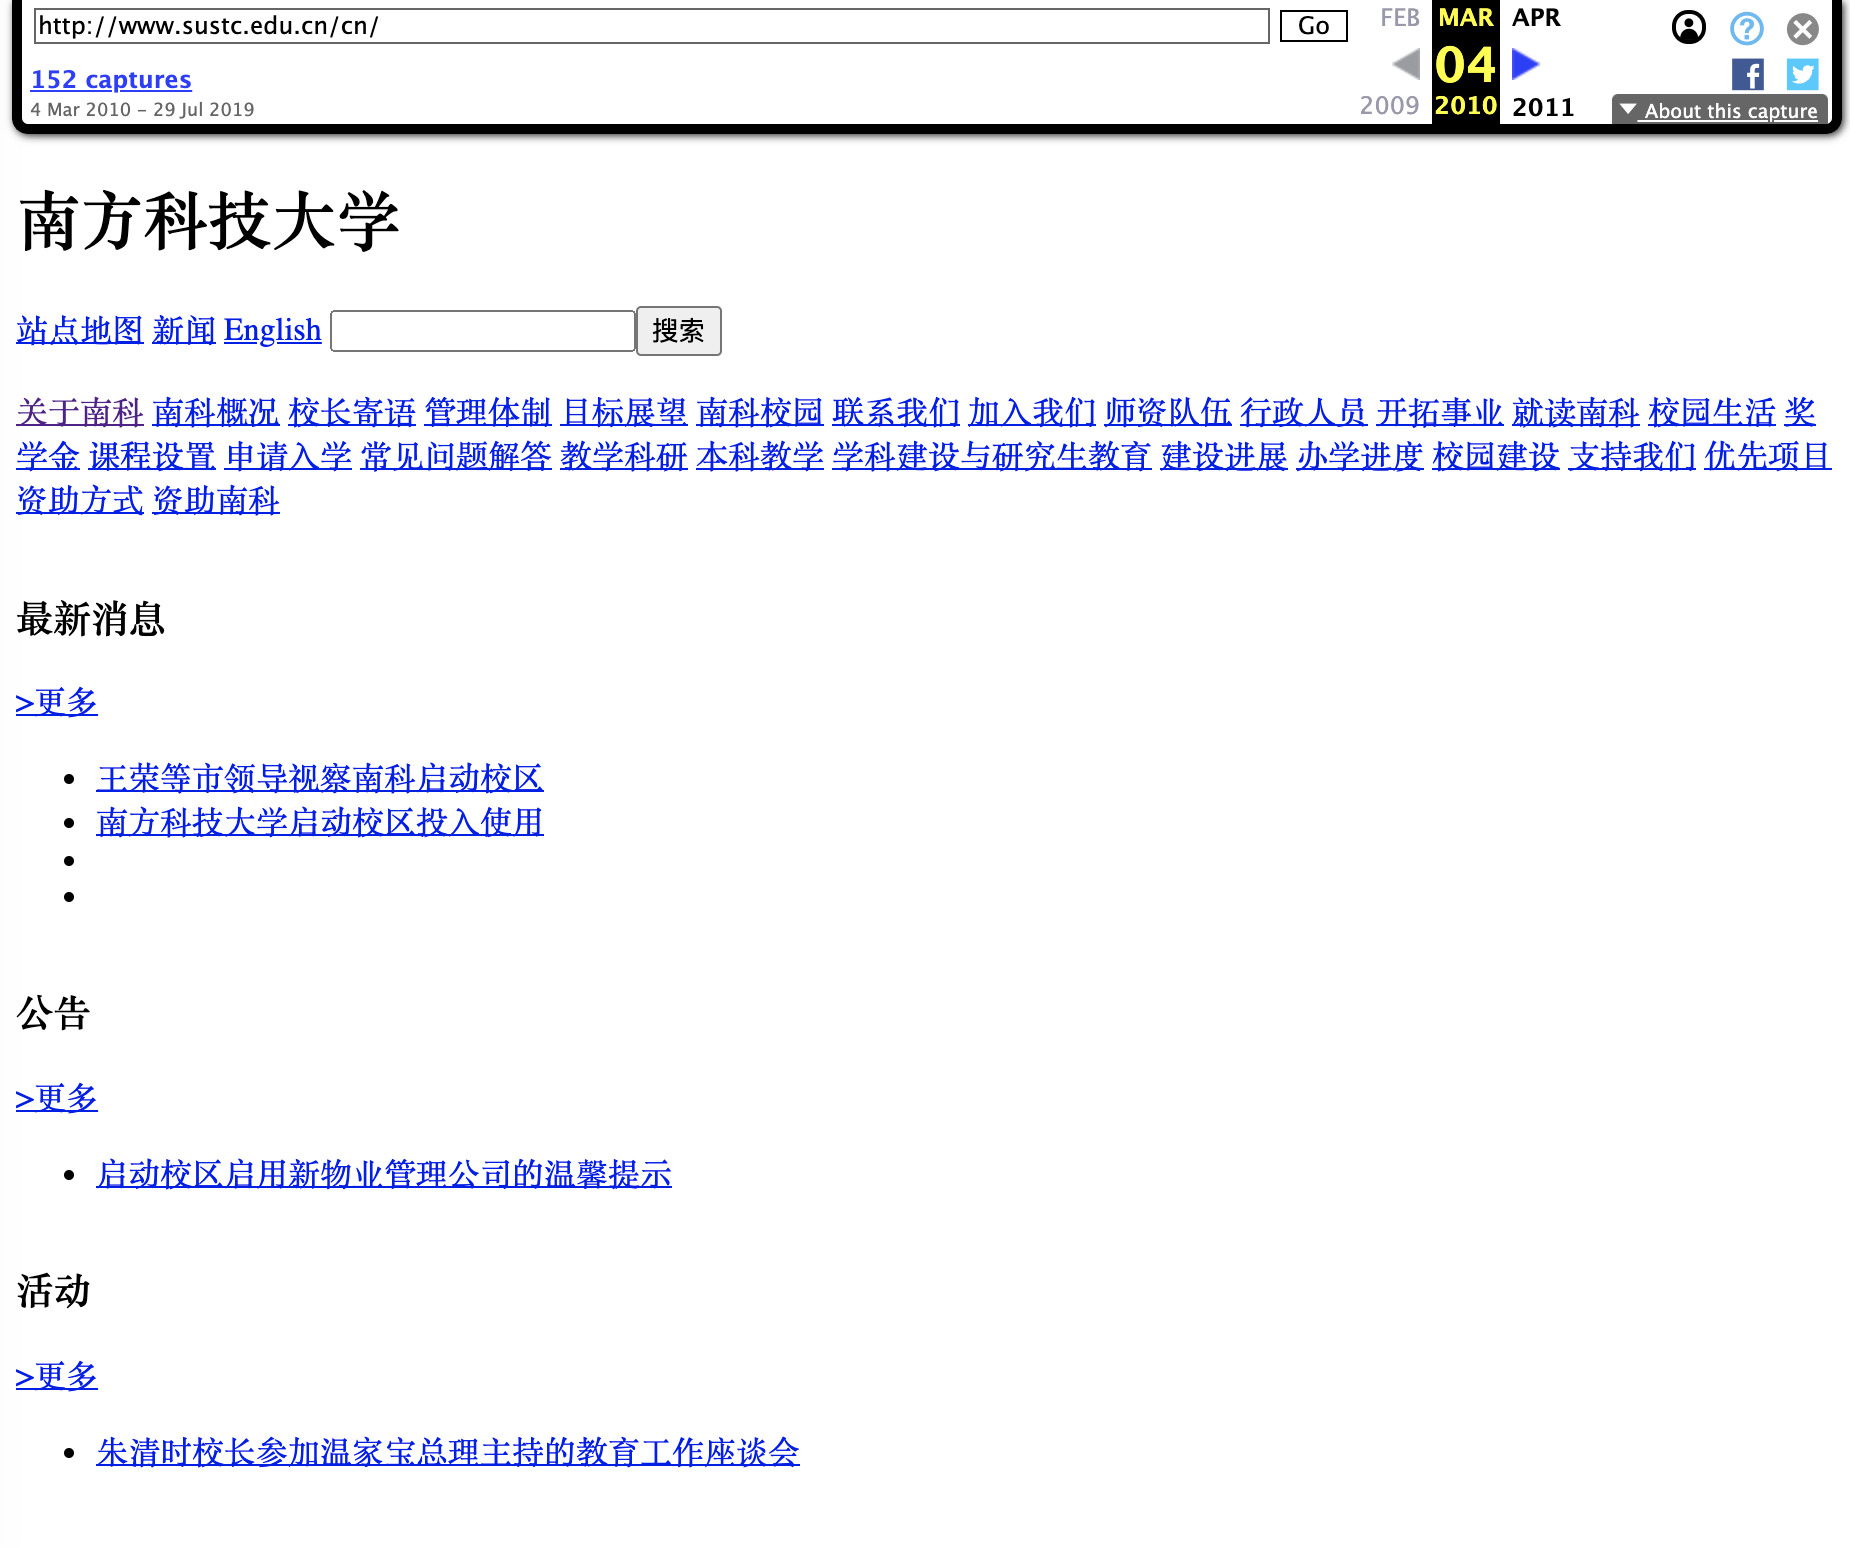 互联网档案馆上留下的第一个存档